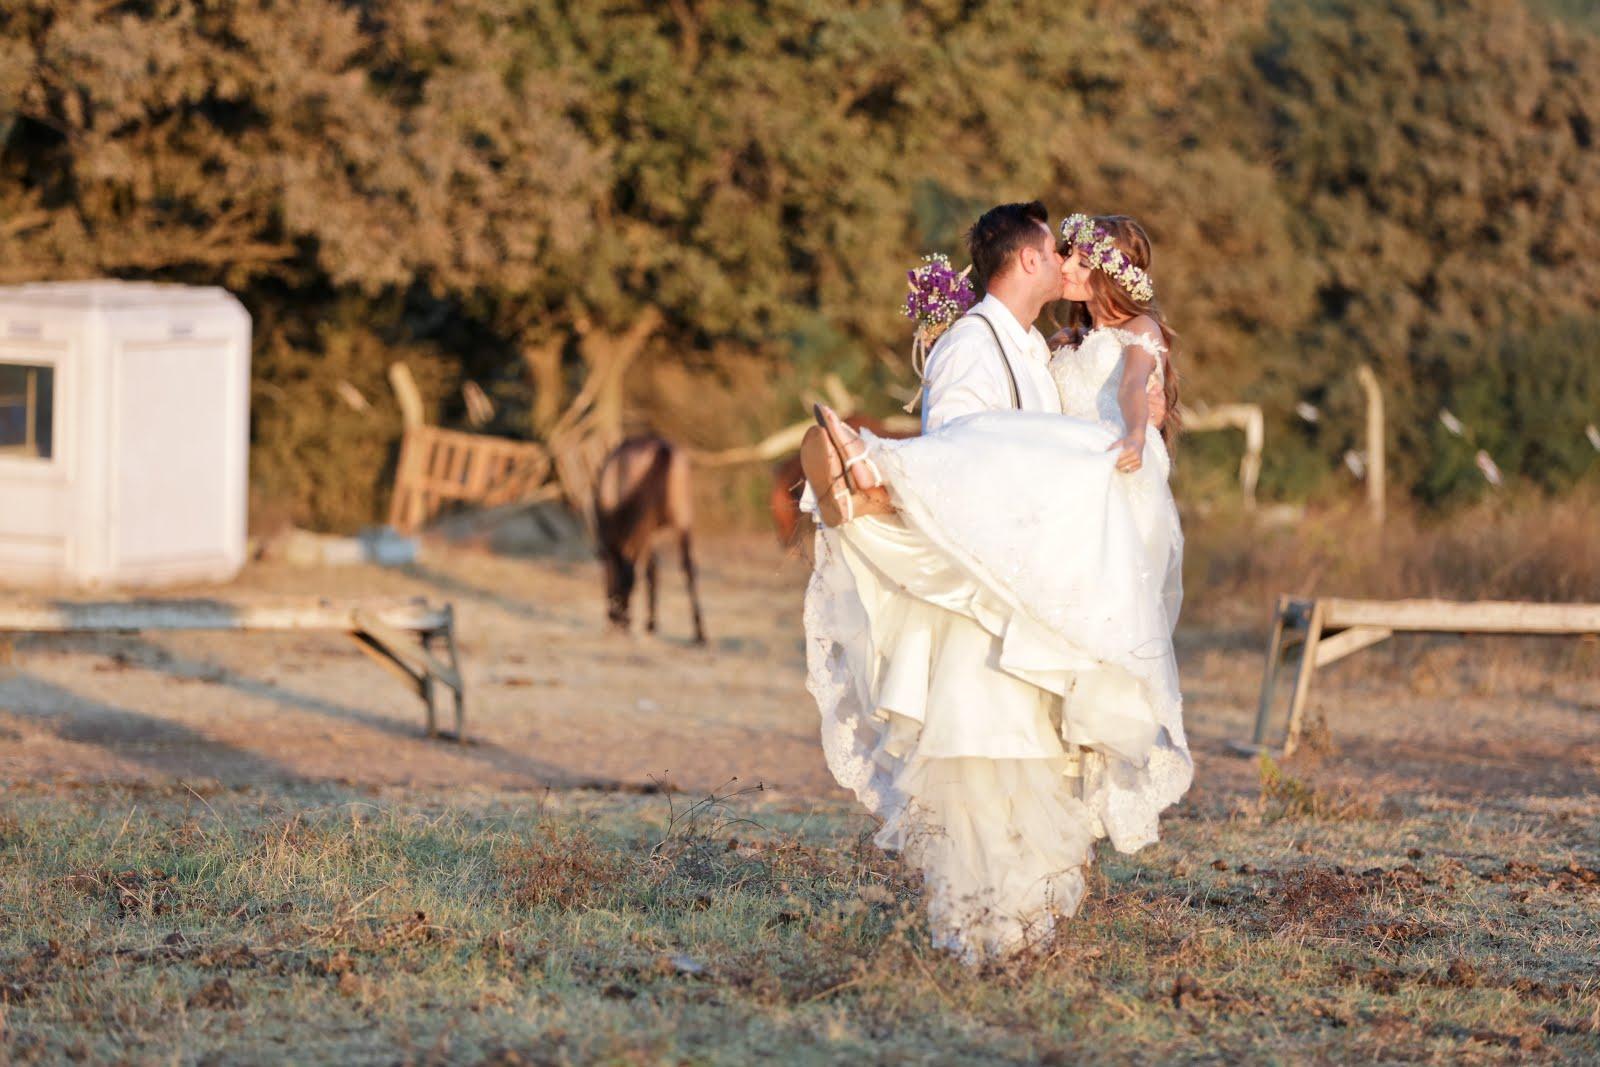 foça düğün fotoğrafları basta olmak uzere alacati sirince urla turkbuku gibi yerlerde gelin damat dış mekan fotoğrafları çekmeye, photoshooting yapmaya devam ediyoruz. fotoshooting hohczeit fotograf Türkei